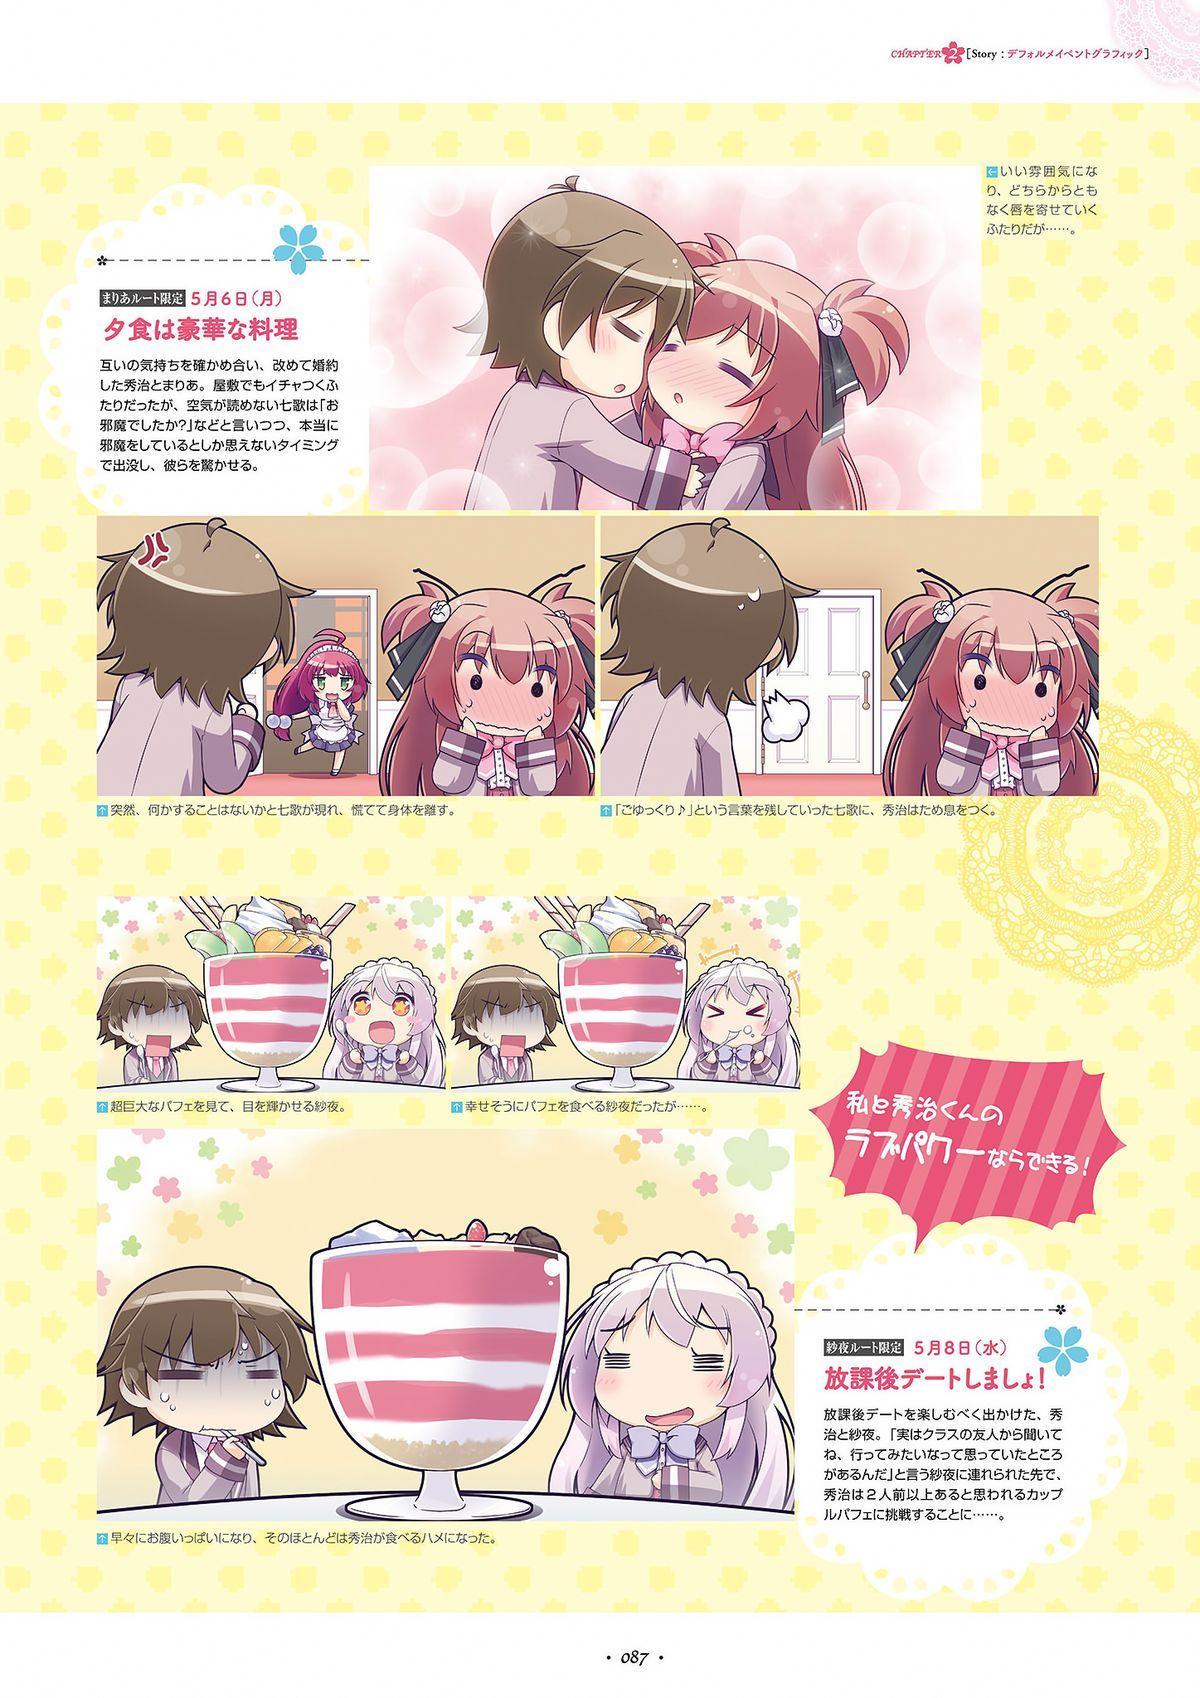 Shukufuku no Kane no Oto wa, Sakura-iro no Kaze to Tomo ni Visual Fanbook 88